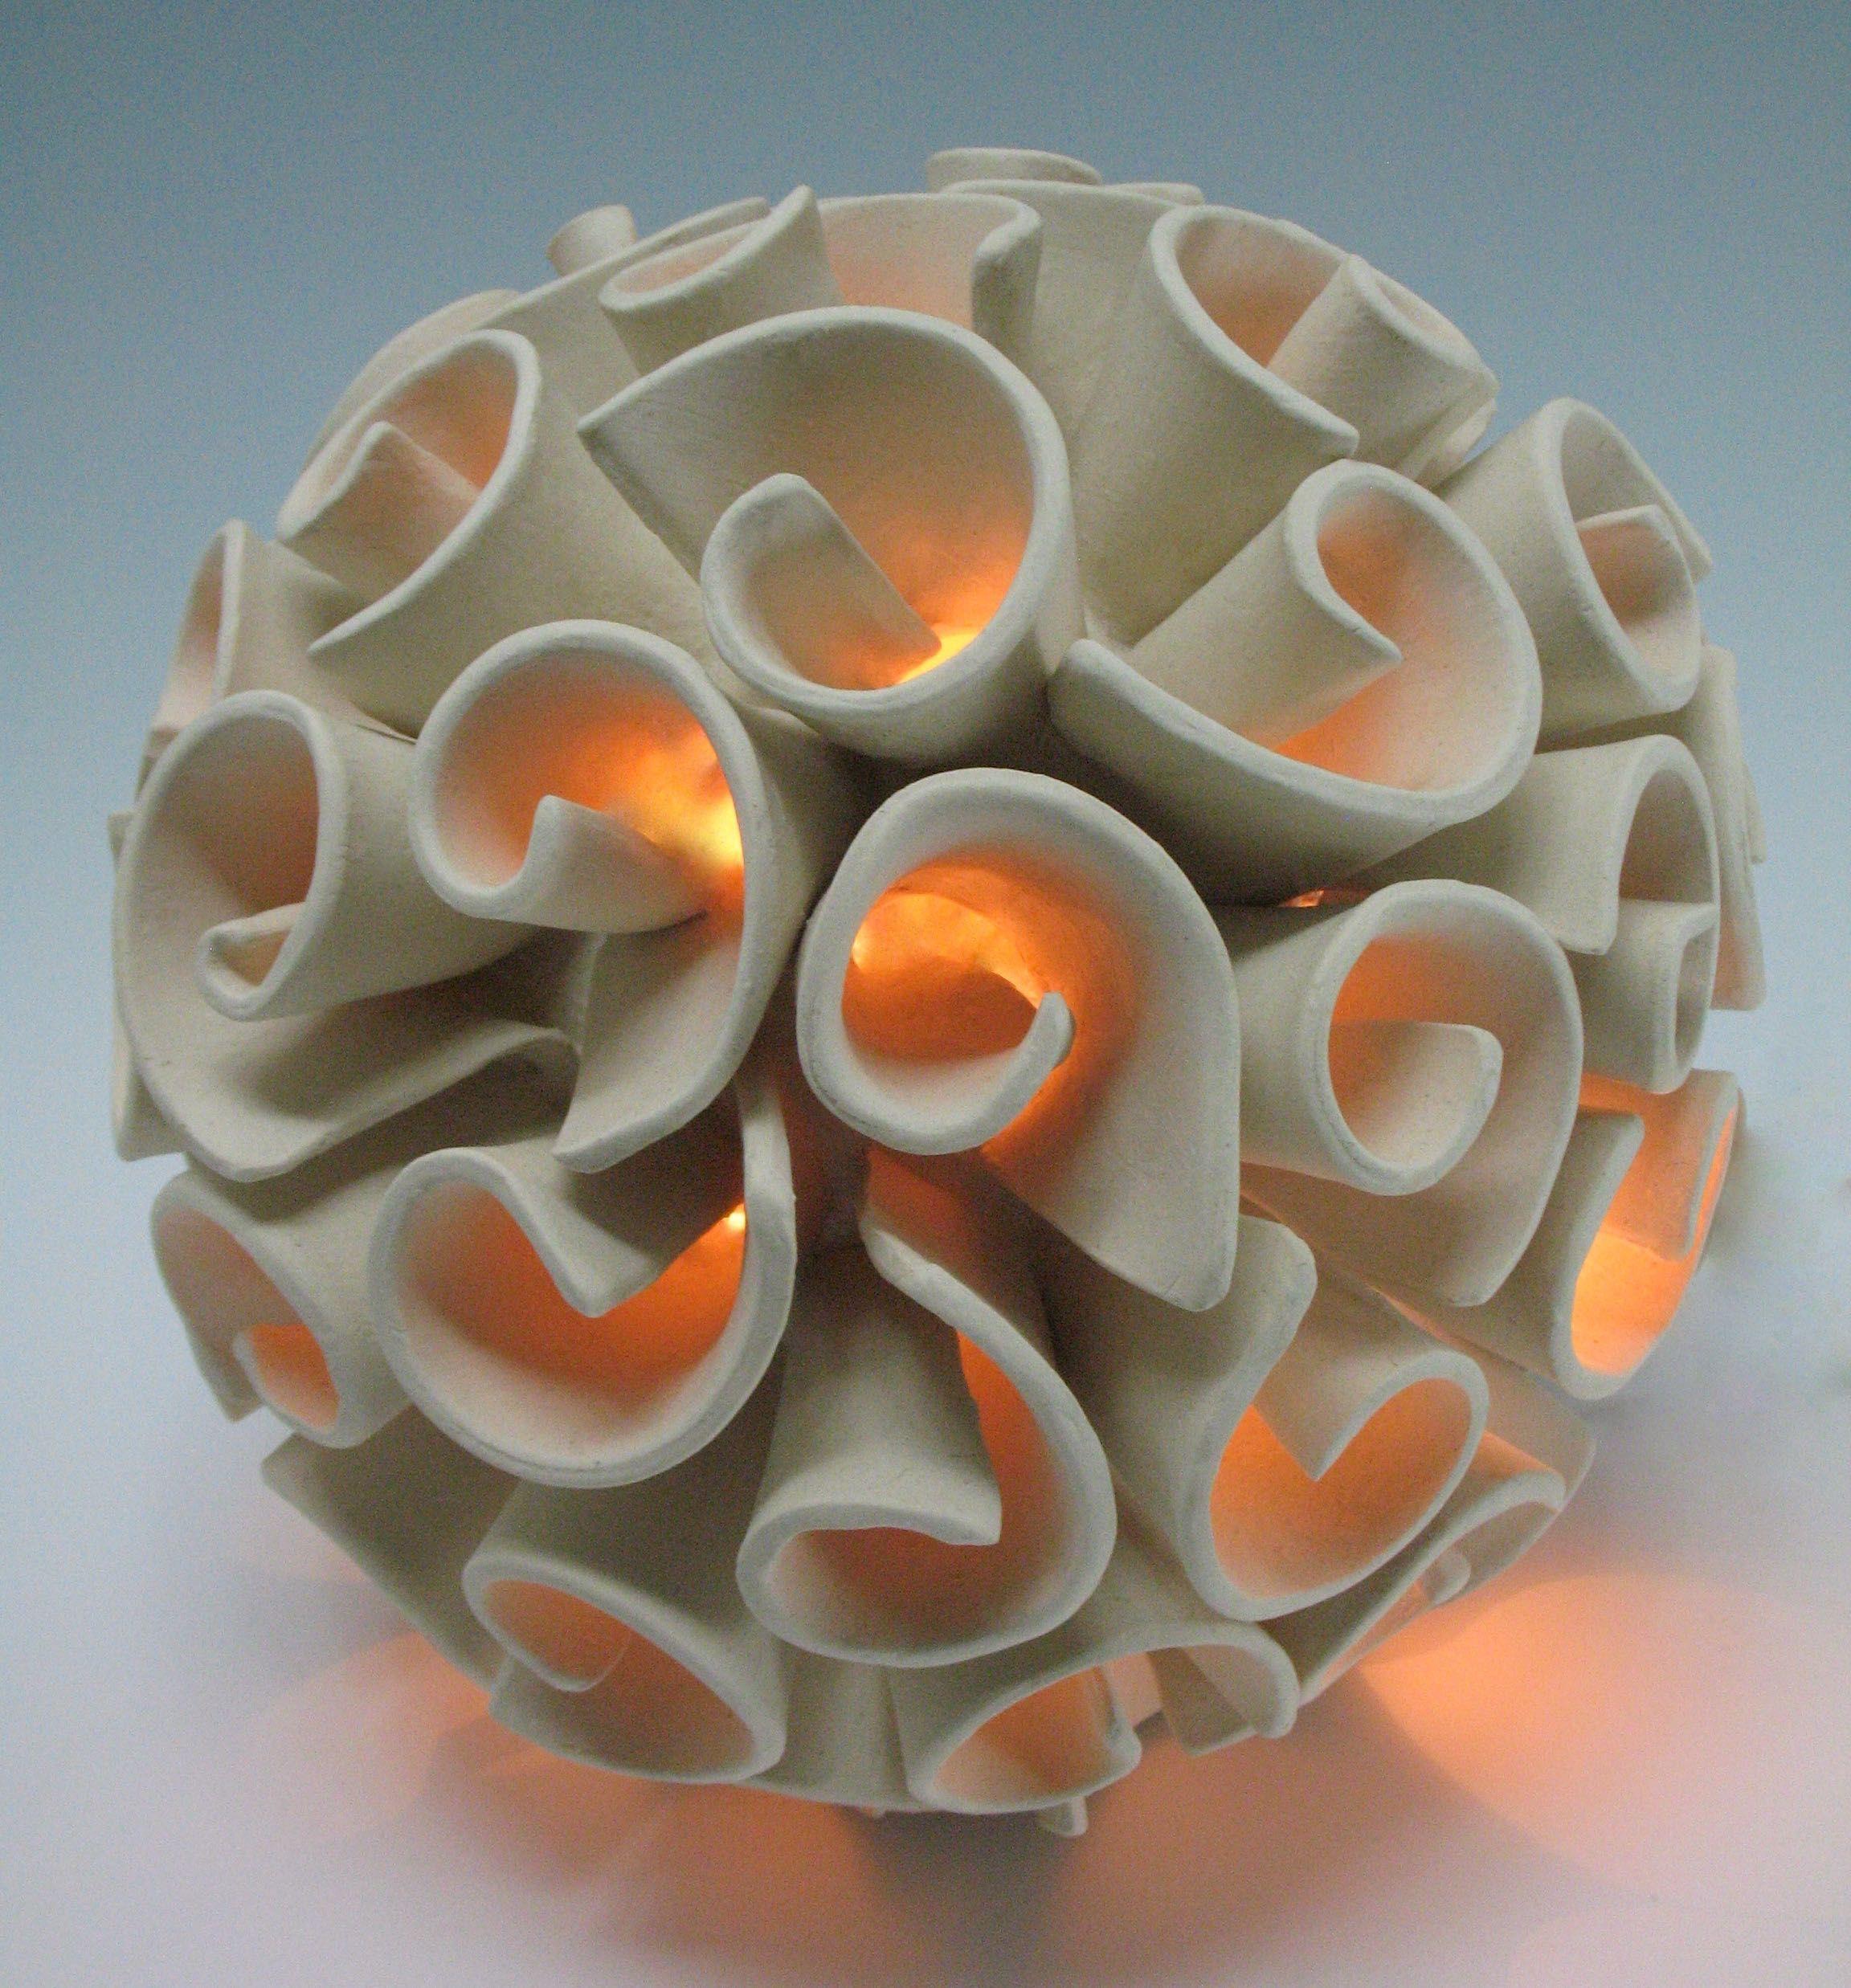 bildergebnis f r t pfern weihnachten anleitung keramiken. Black Bedroom Furniture Sets. Home Design Ideas